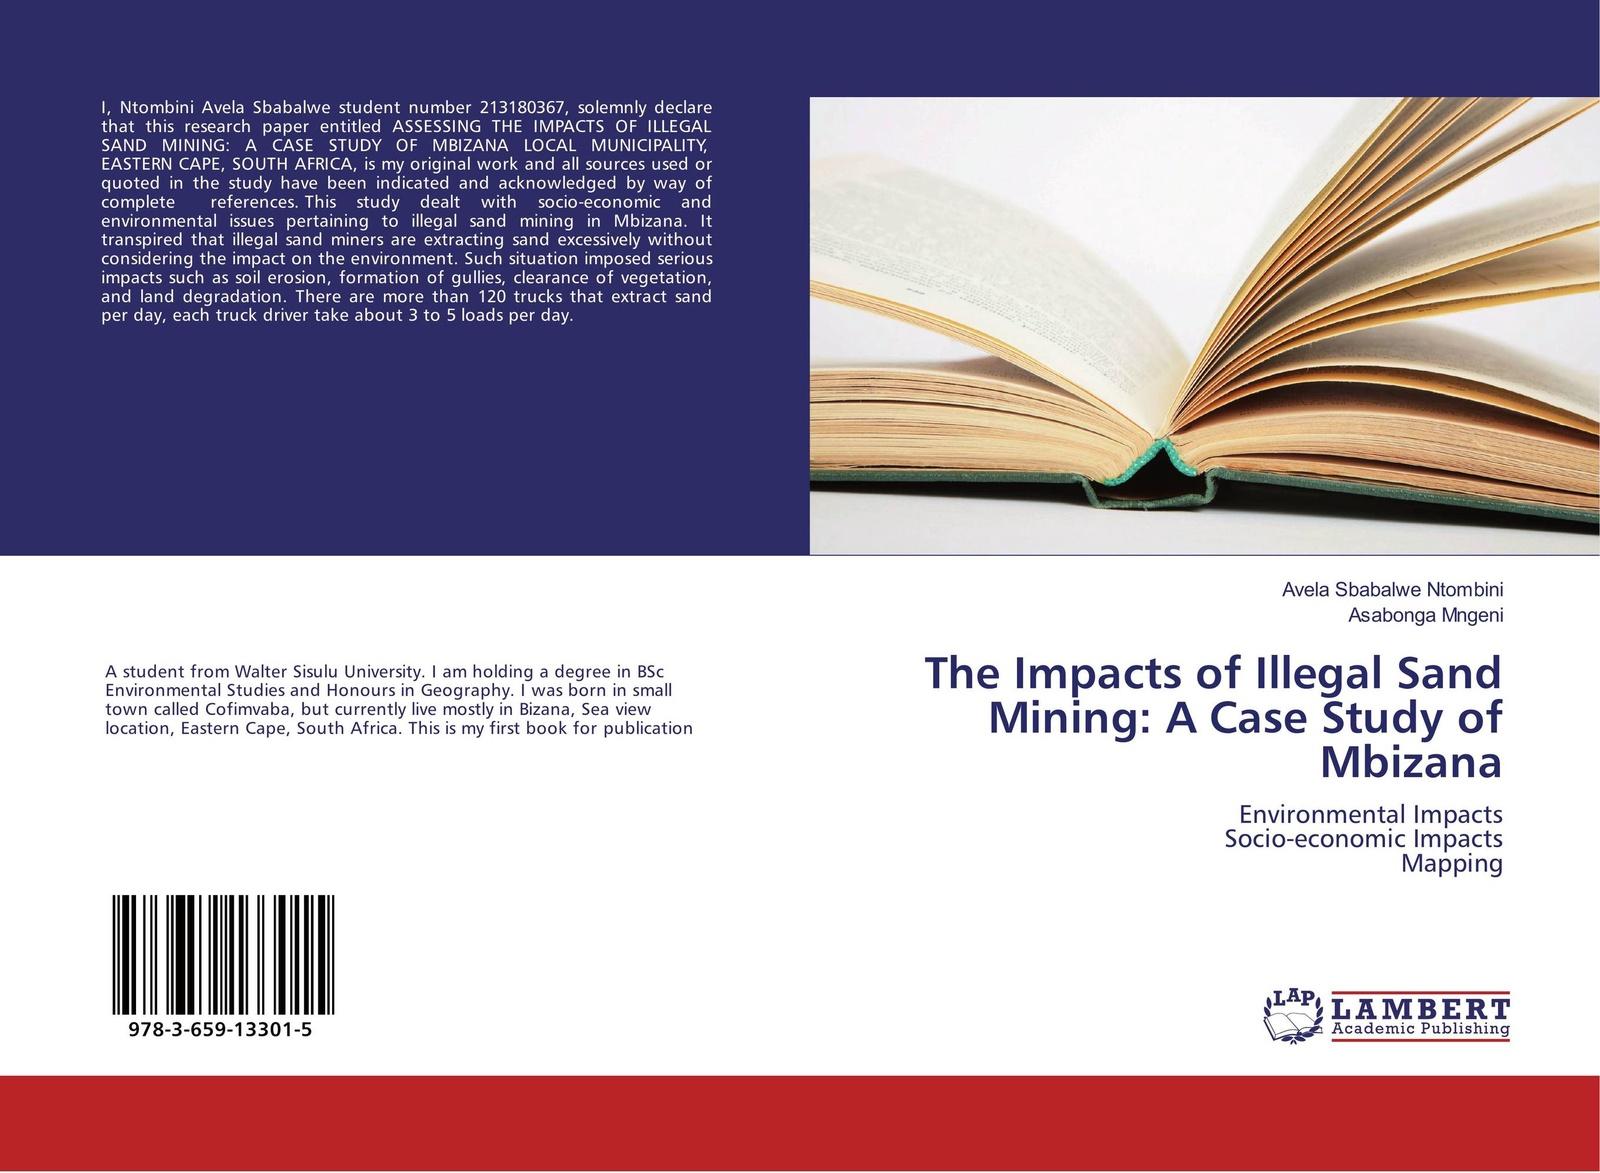 Avela Sbabalwe Ntombini and Asabonga Mngeni The Impacts of Illegal Sand Mining: A Case Study of Mbizana friendly eastern border the case study of podlaskie voivodship